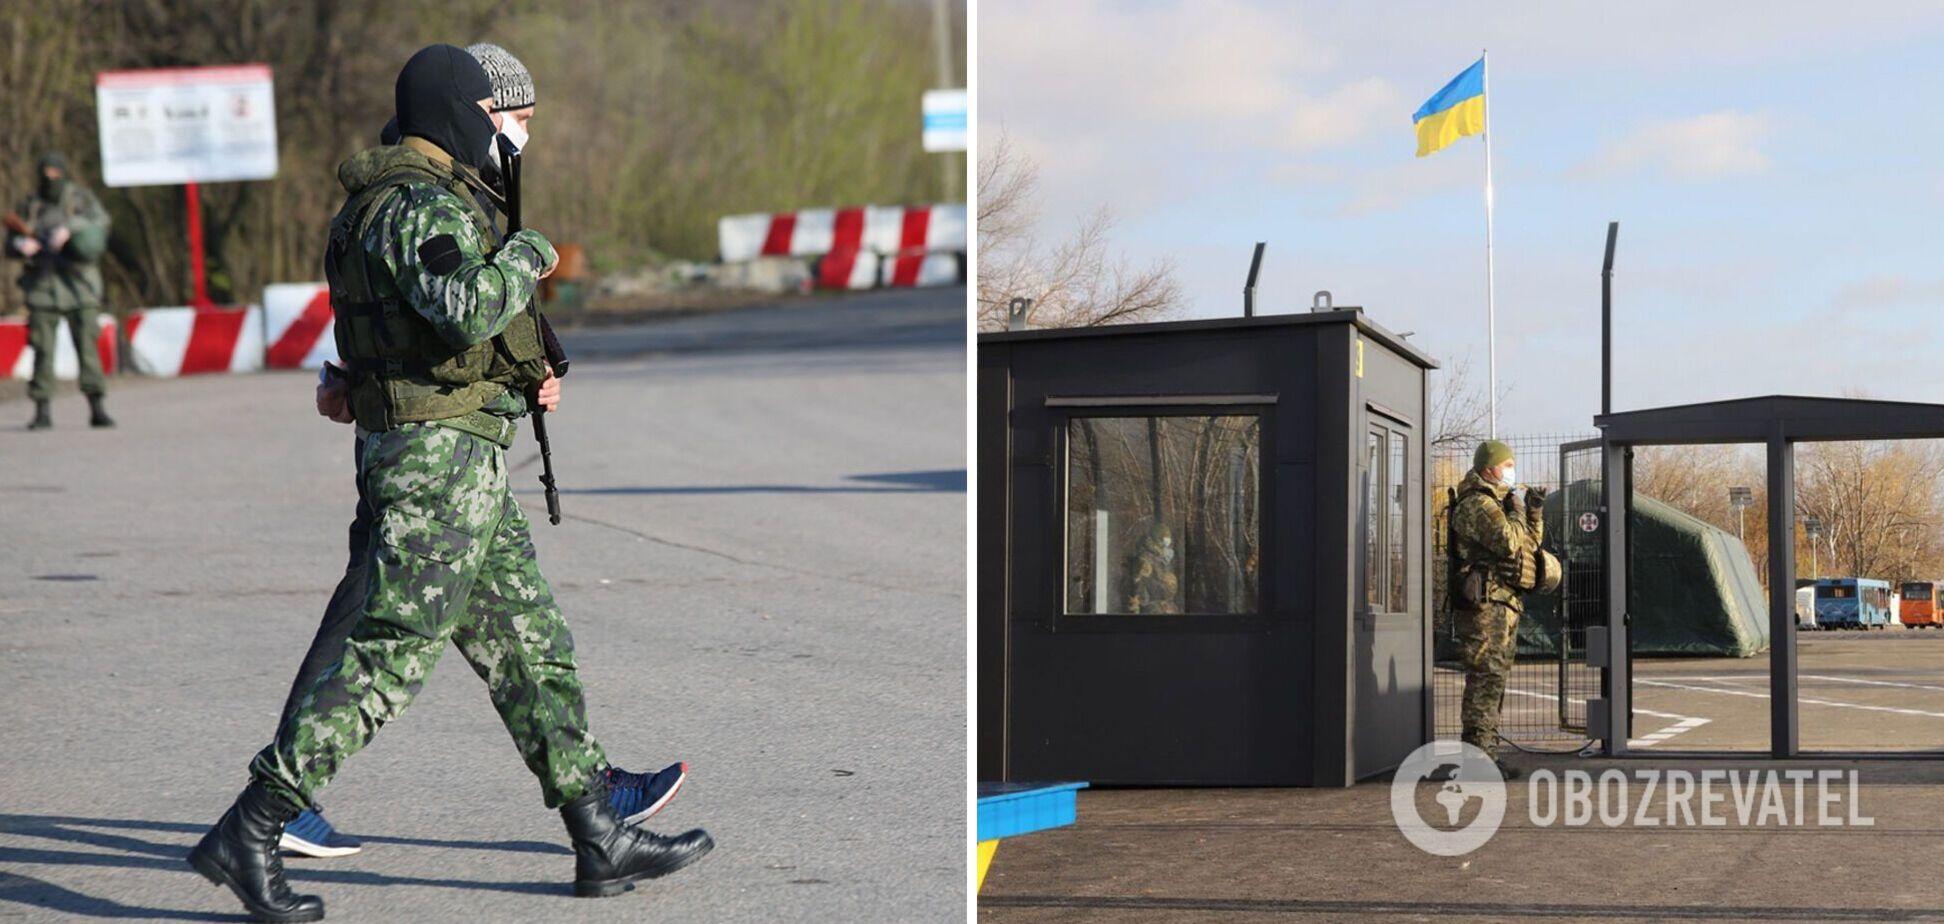 Наемники РФ блокируют почти все КПВВ на Донбассе: где пропускают